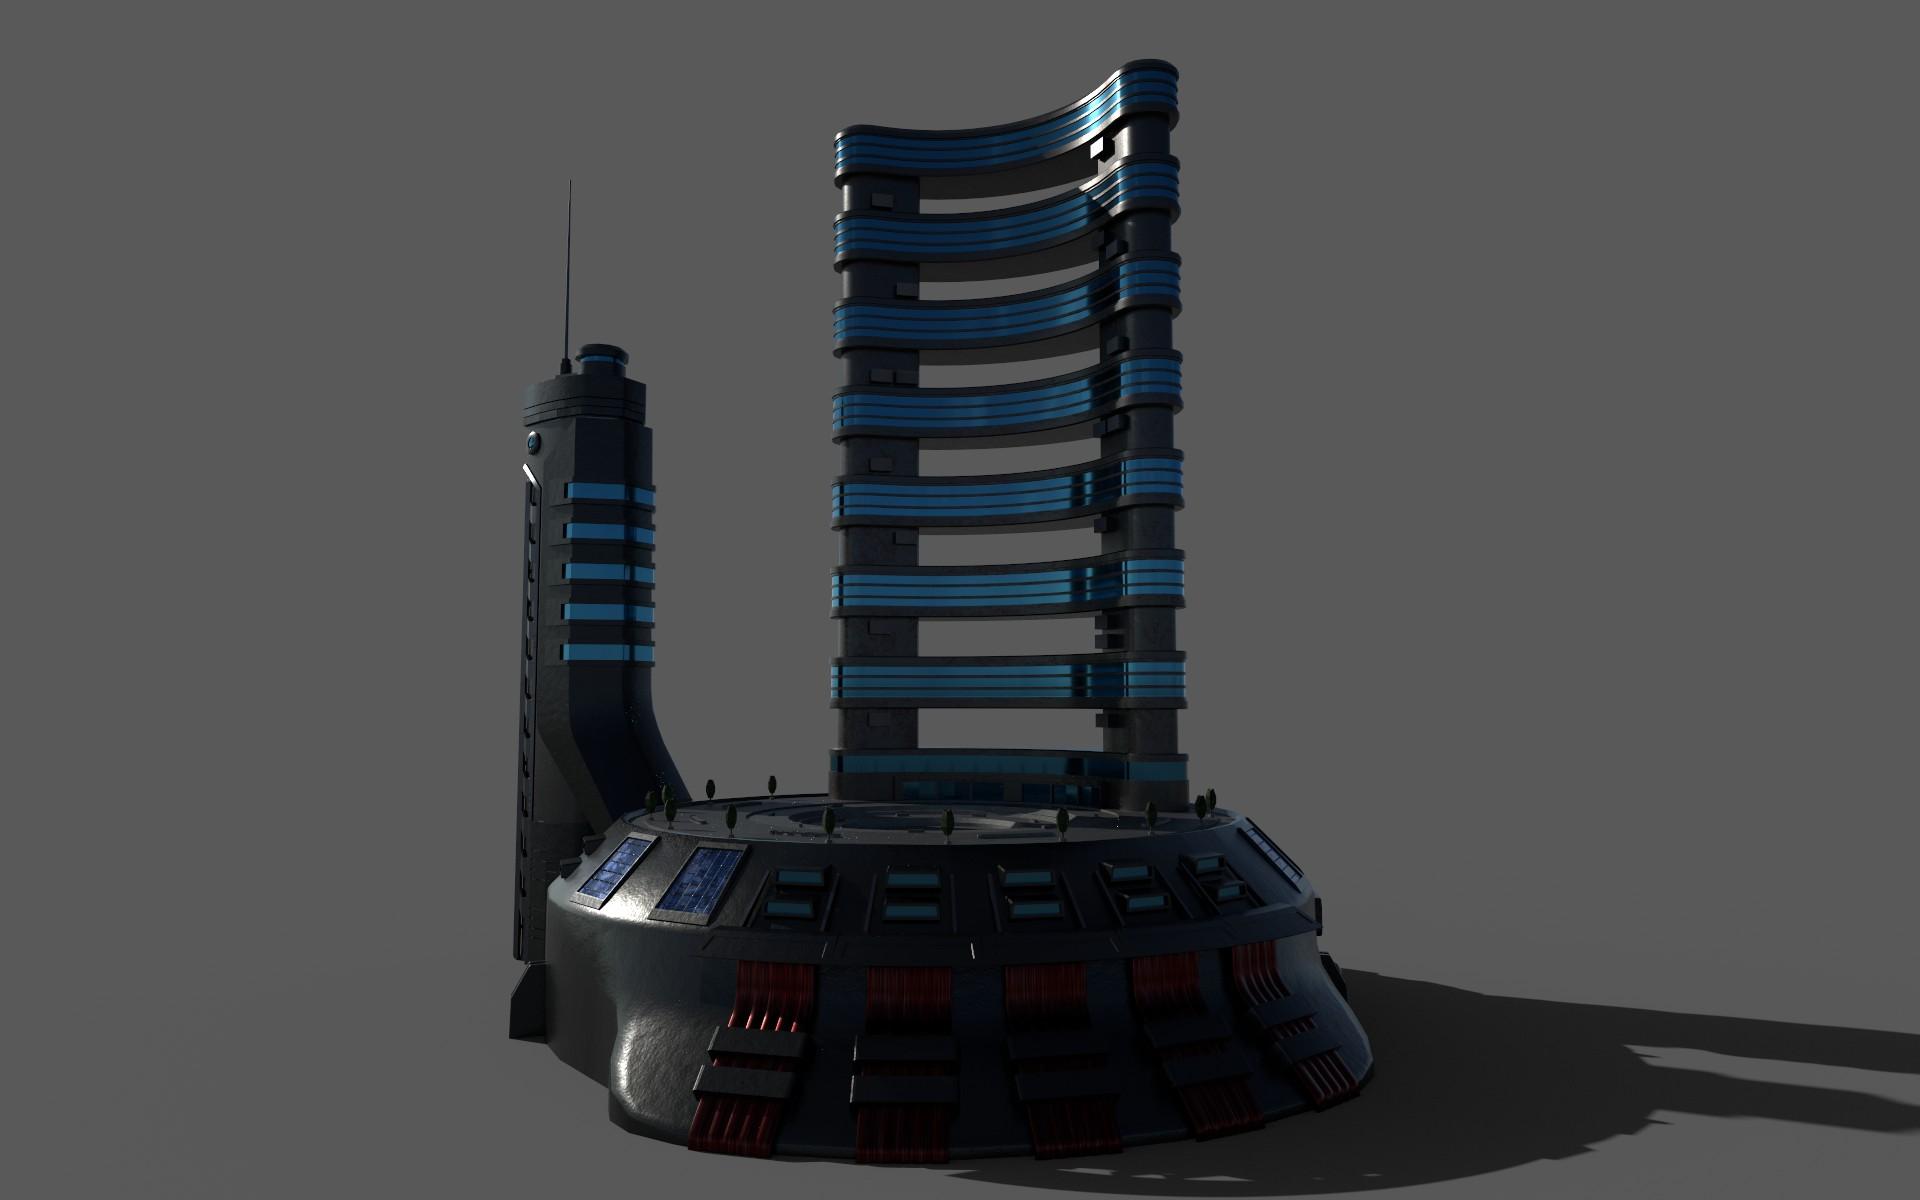 sci-fi viesnīca 3d modelis 3ds max fbx dae obj 272850